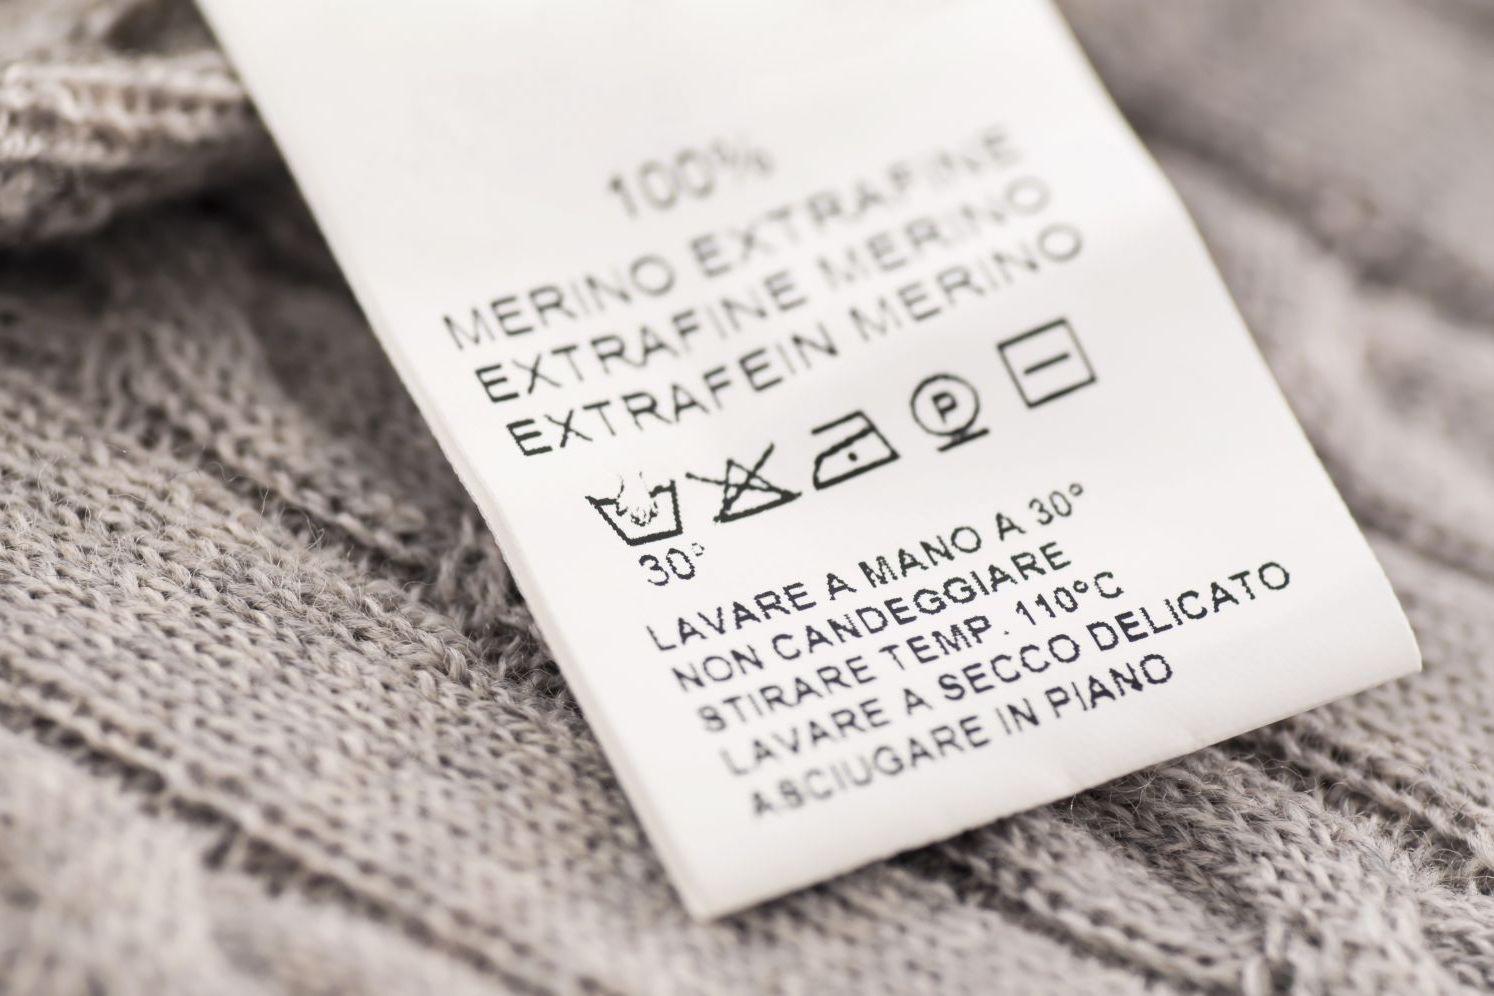 Hướng dẫn đọc các biểu tượng trong giặt là công nghiệp